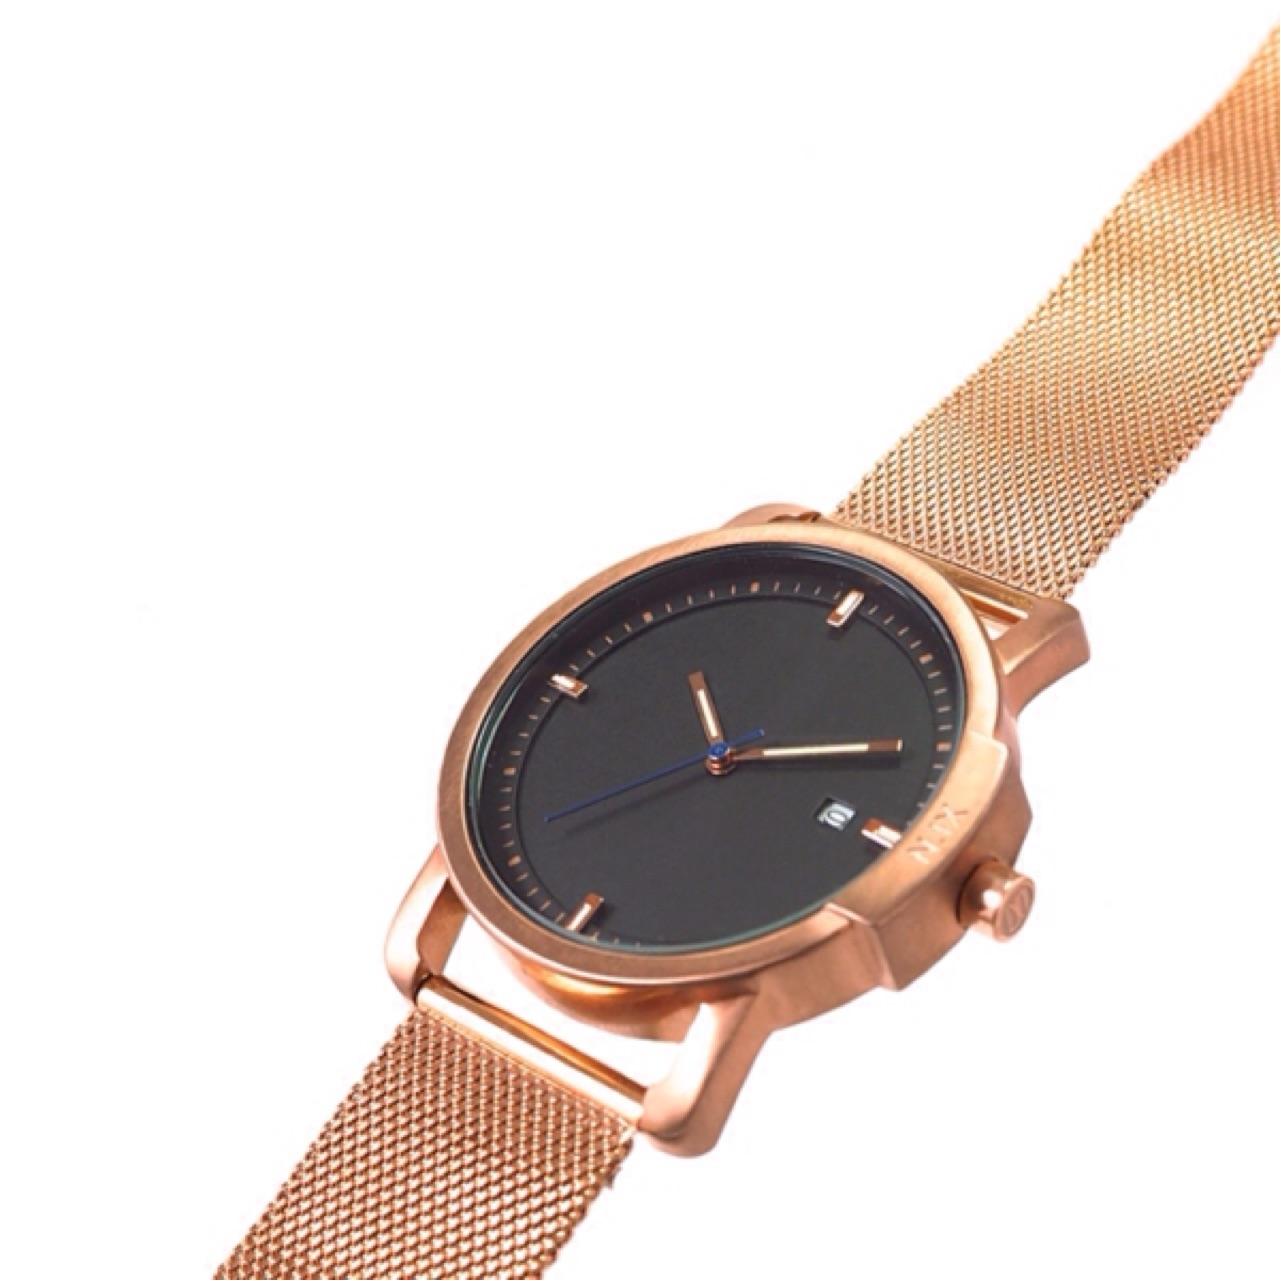 ฟรีจัดส่ง,NIXwatch,NIXstudio,OceanProject,Minimalwatches,stainless,mesh,leather,giftset,Unisex,gift,Metallic,present,black,navy,blue,gold,rosegold,นาฬิกา